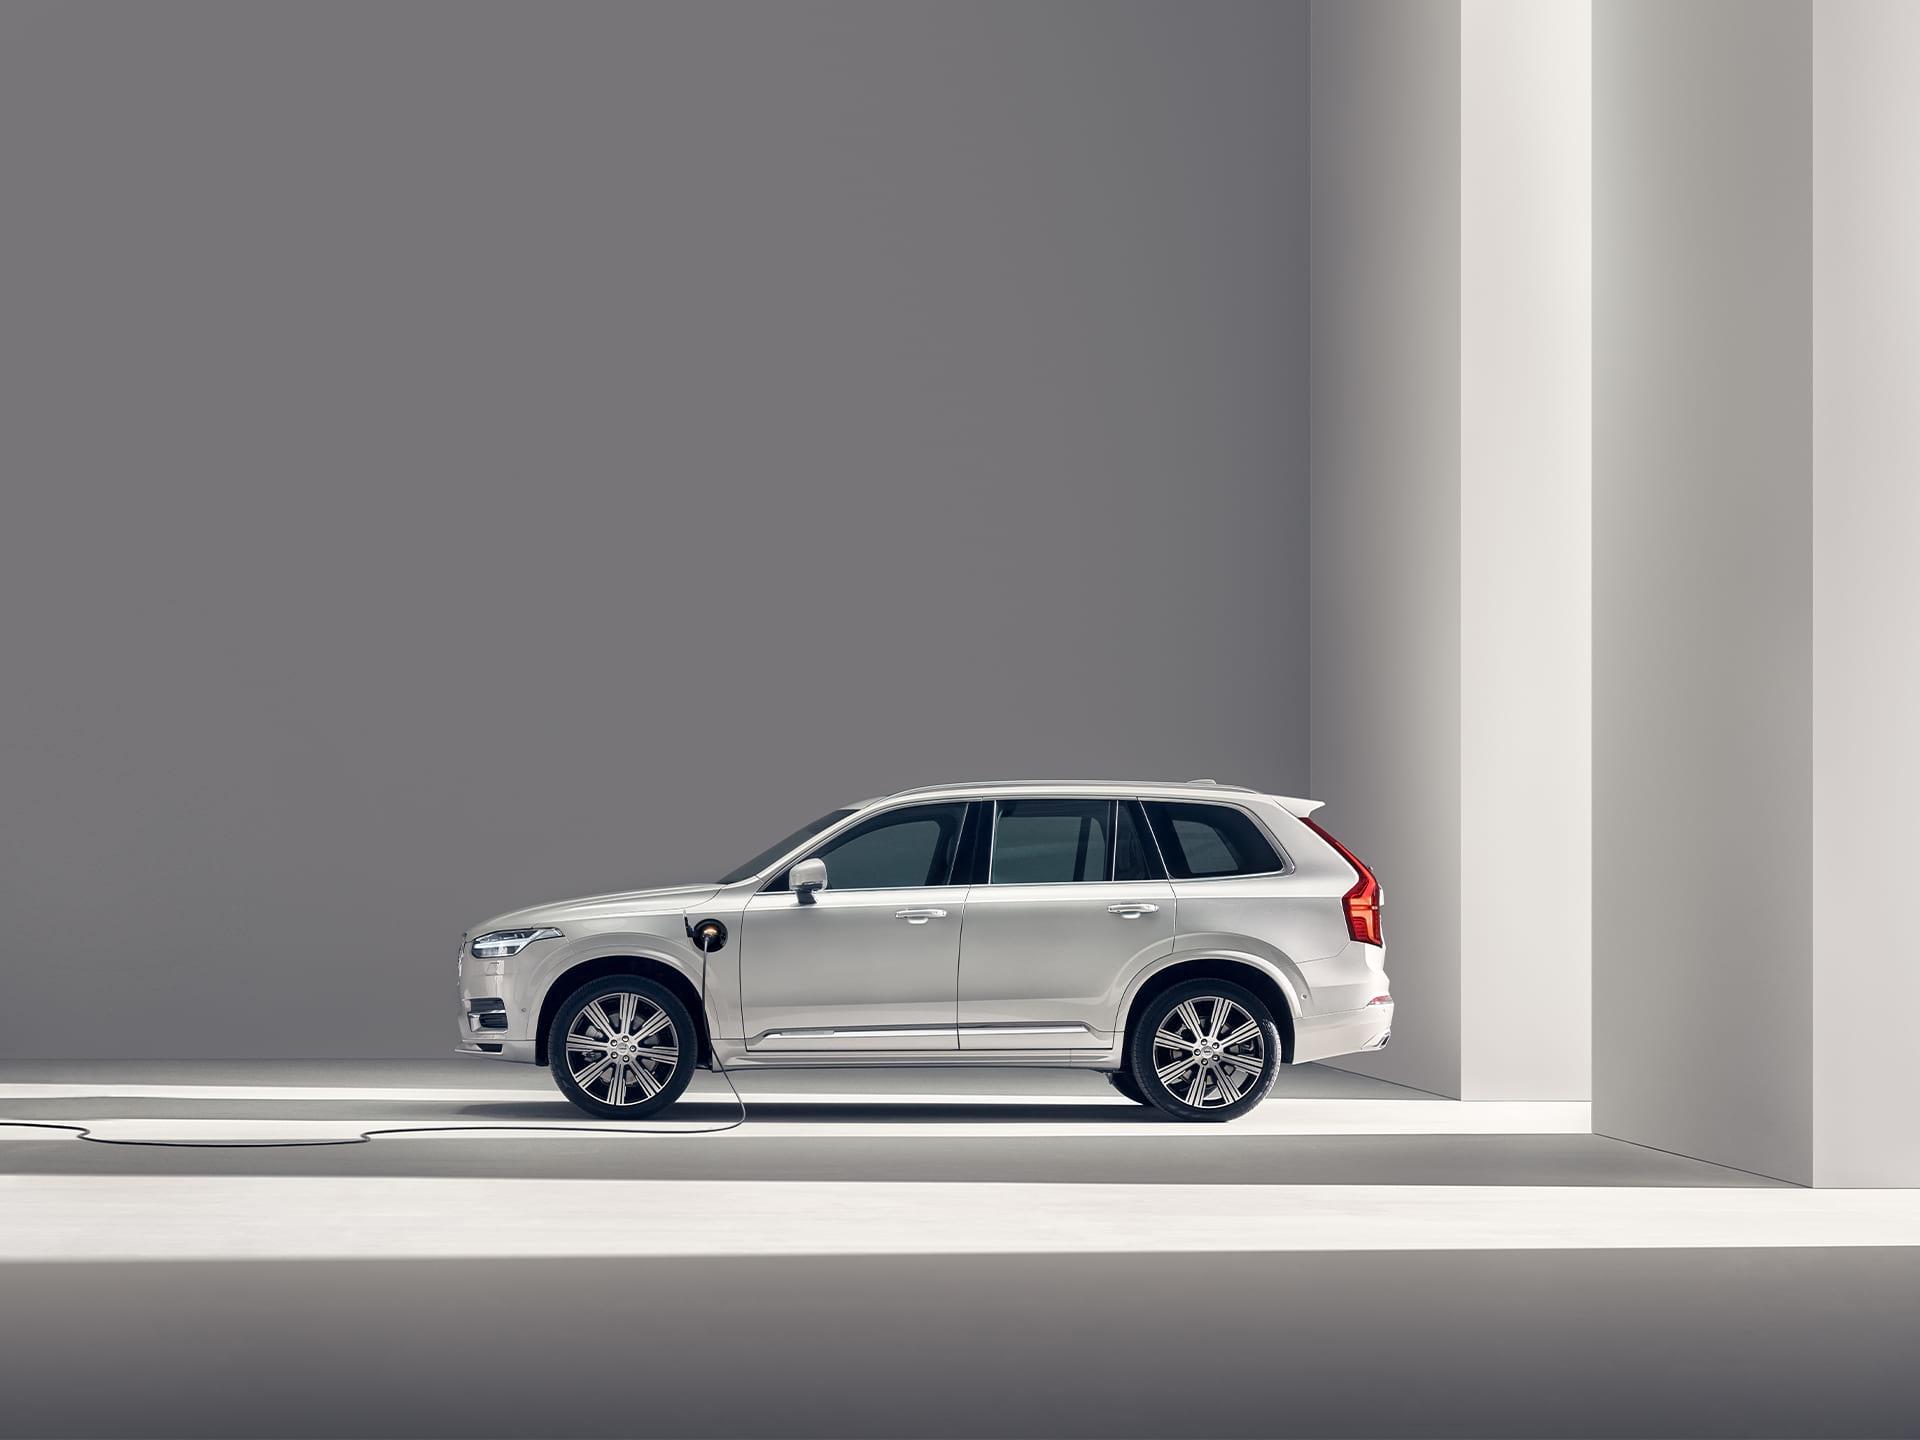 Volvo XC40 SUV ระบบไฟฟ้า สีเทา กำลังชาร์จไฟท่ามกลางฉากหลังสีชมพู